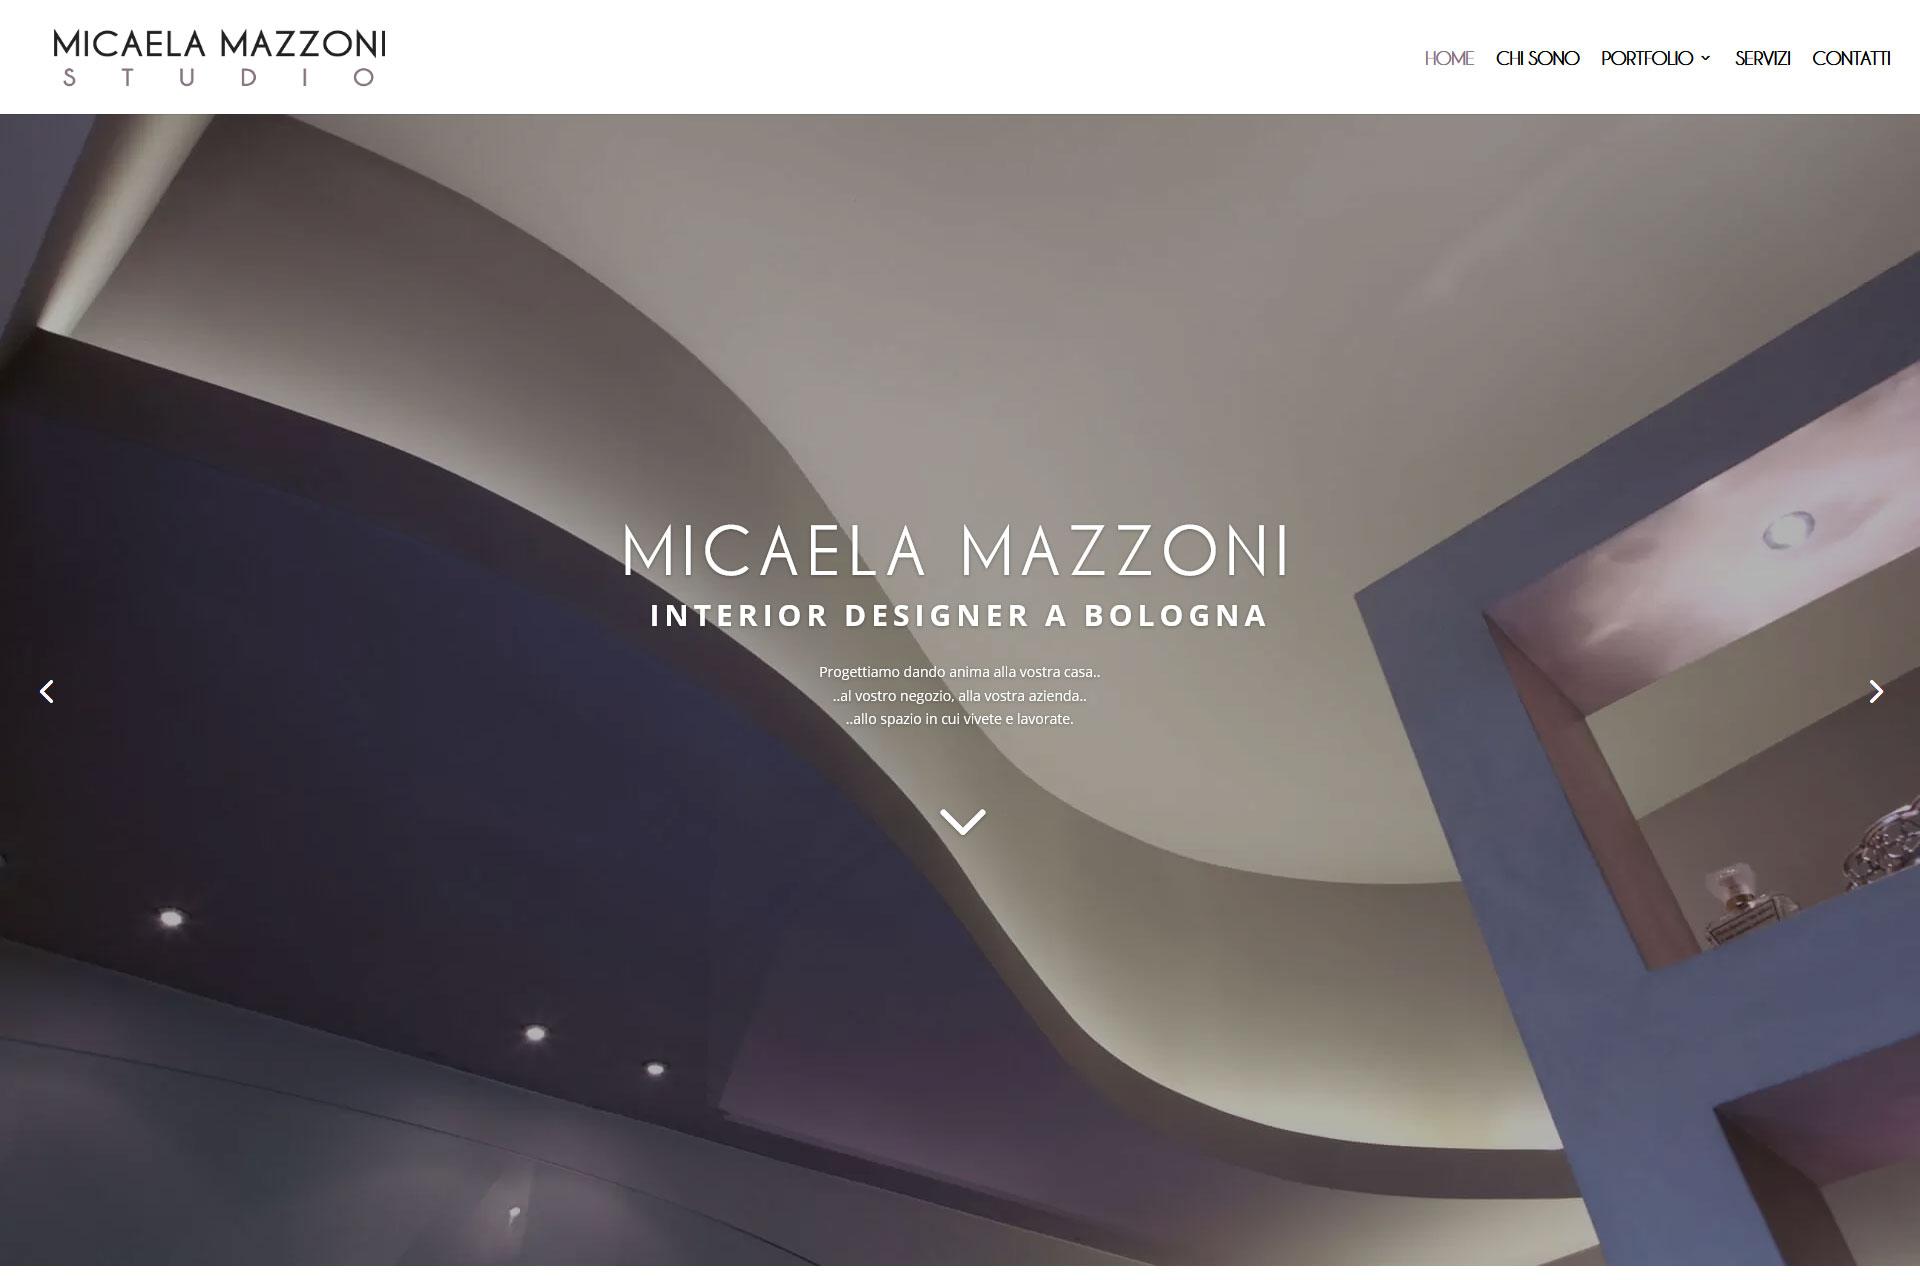 Micaela Mazzoni Studio Sito Web